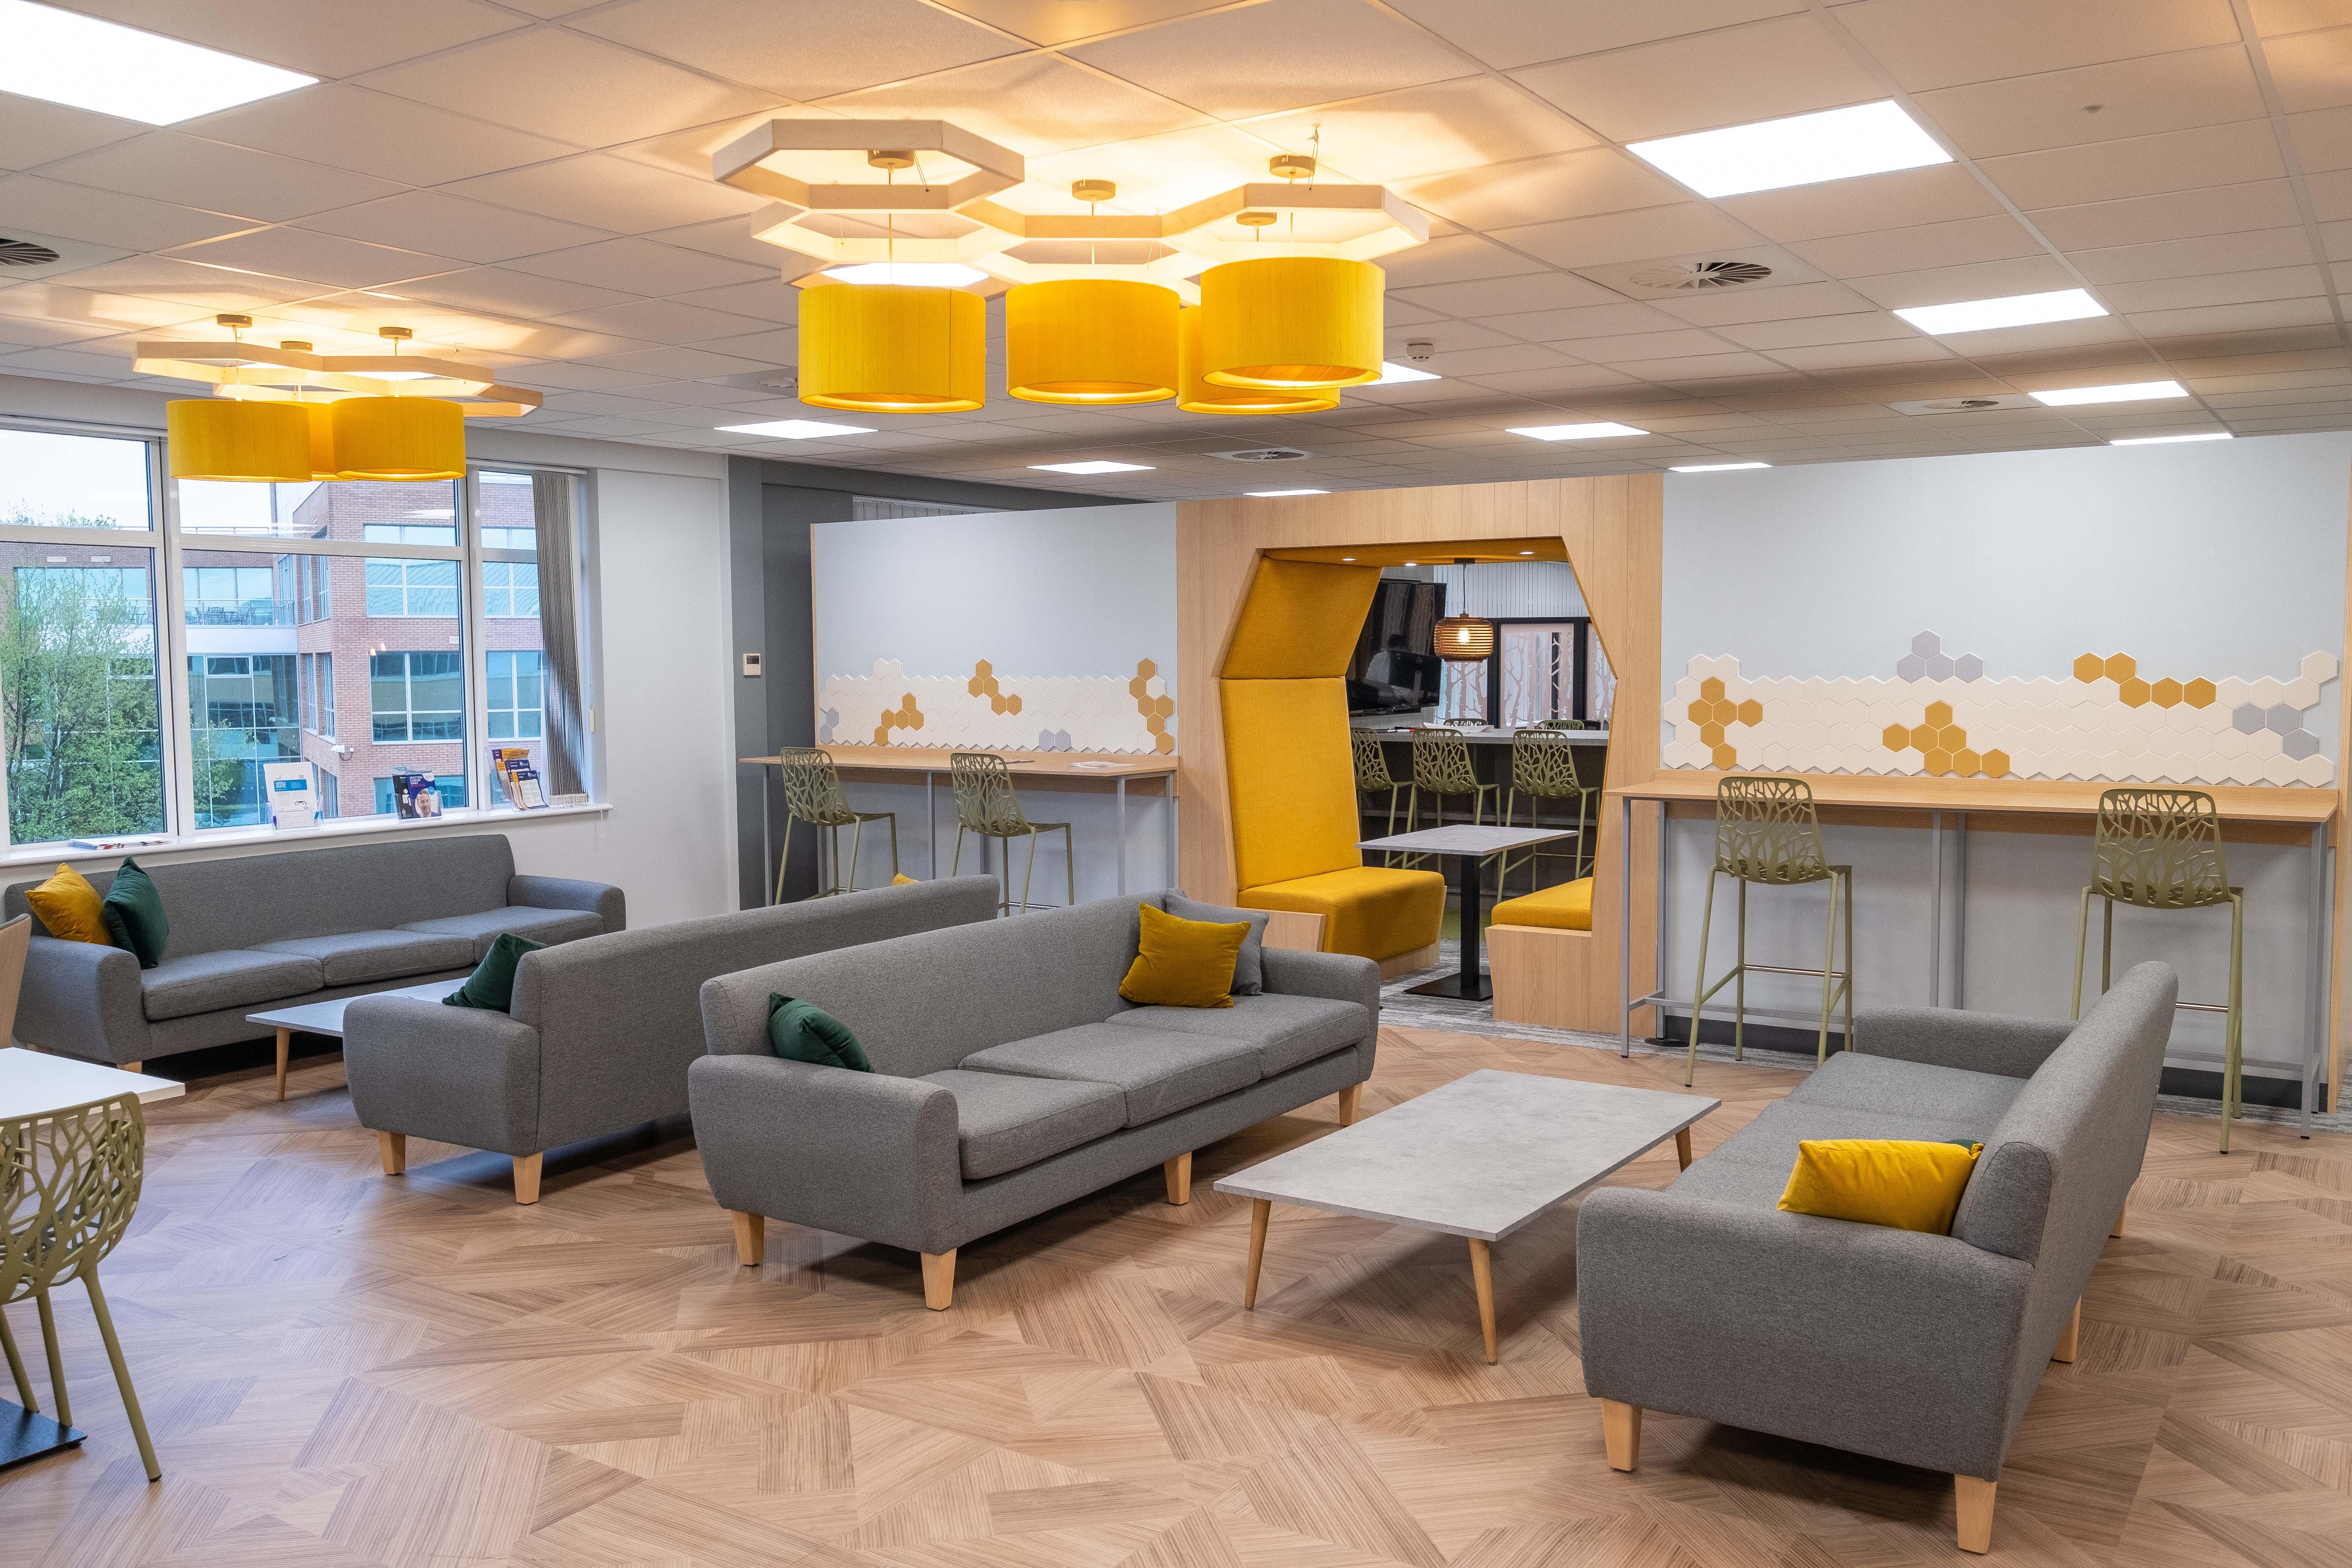 Let's talk about office FLEX!!